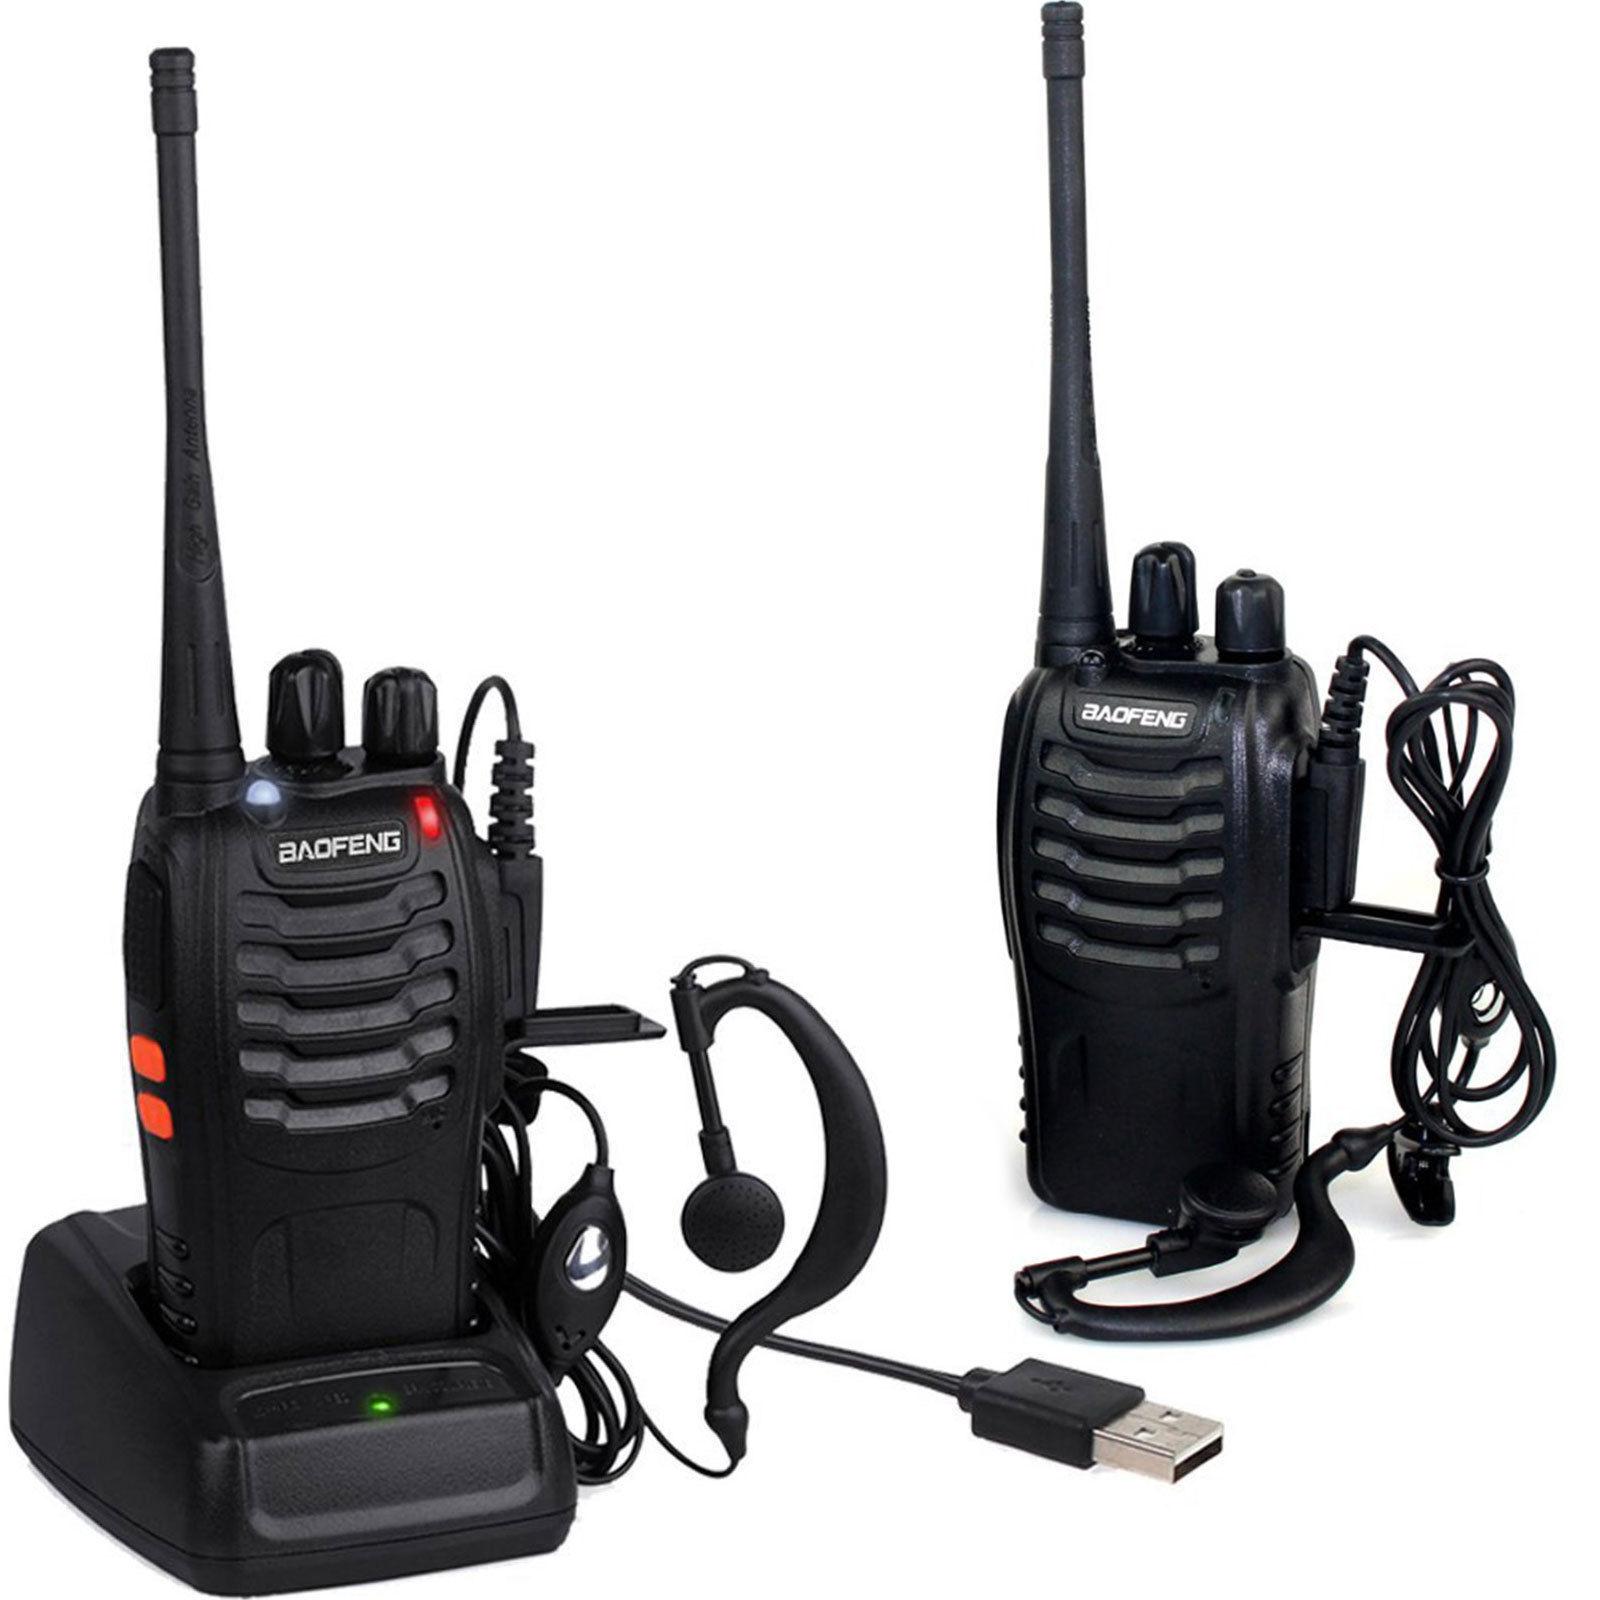 2x Walkie Talkie BF-888S UHF 400-470MHz 5W 16CH Portable Two-Way Radio AU Stock 2